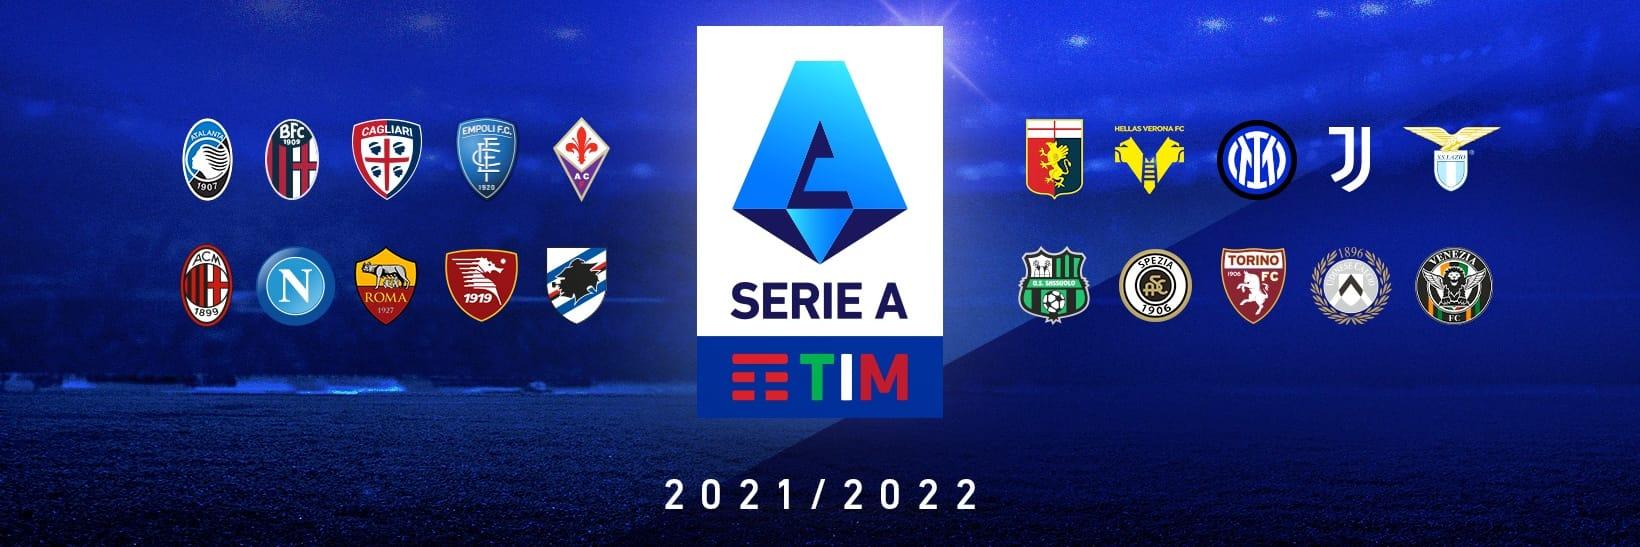 Lega Serie A 2021-2022